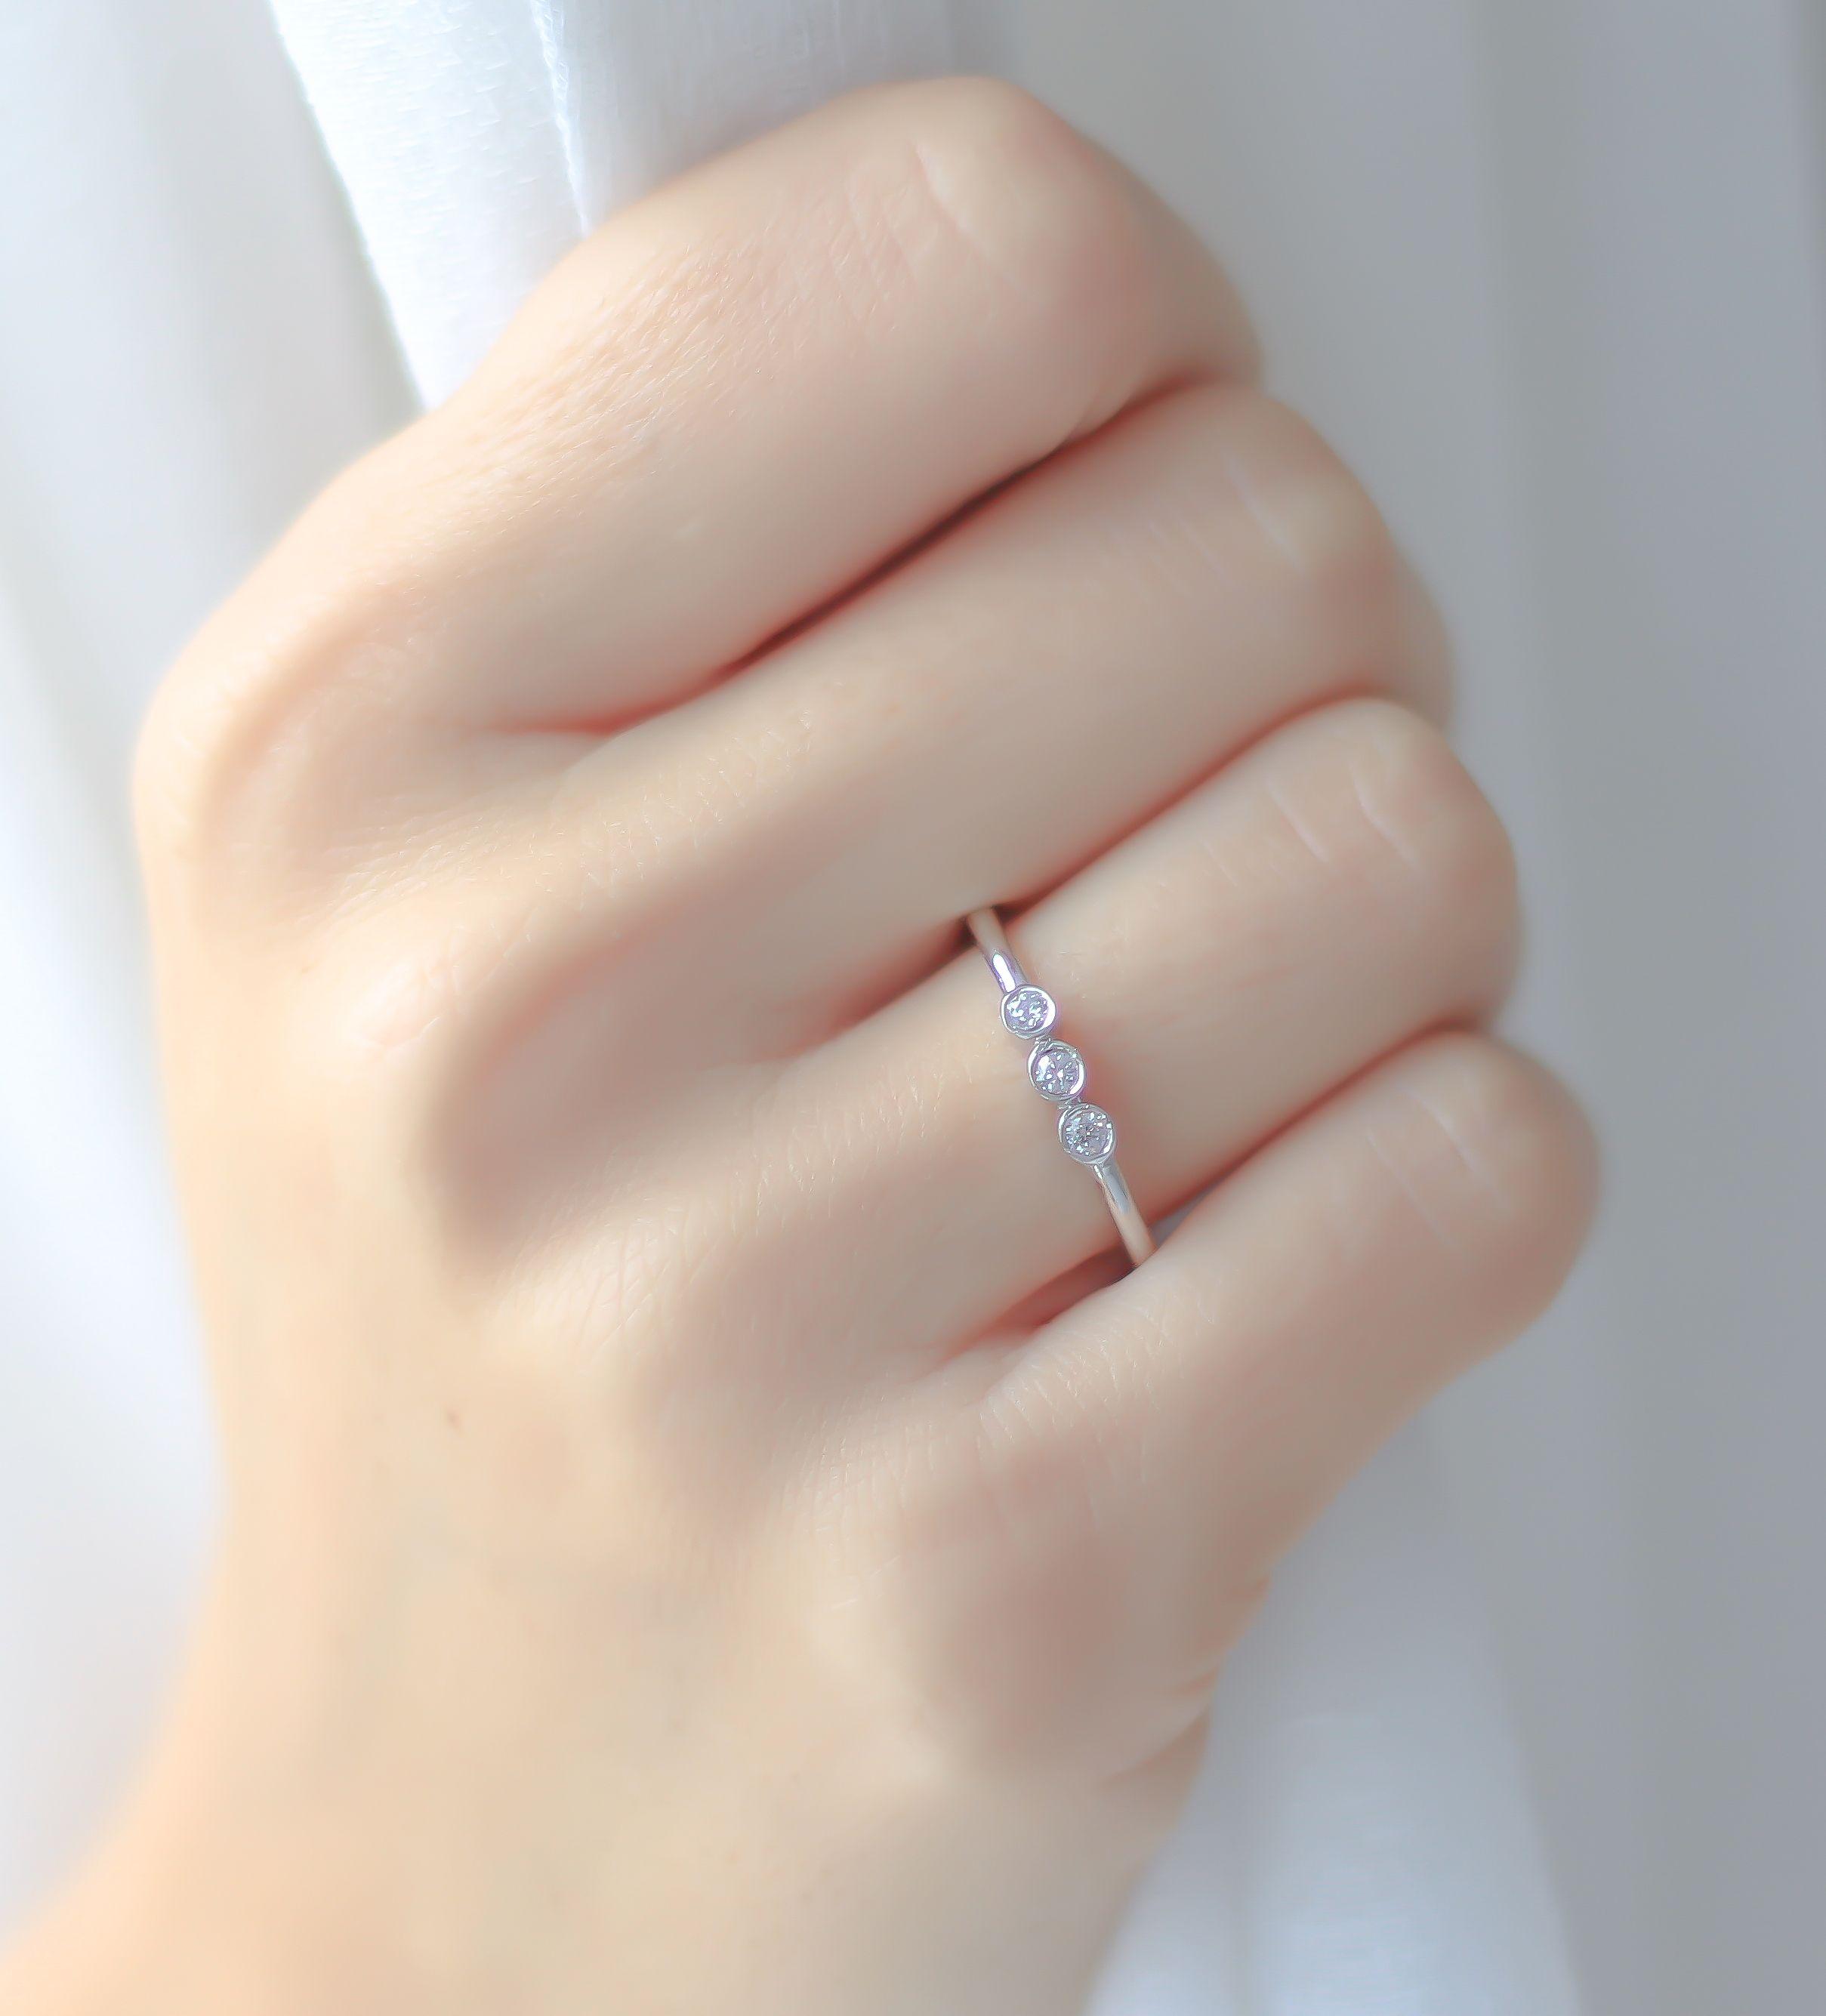 Etiket: evlilik yüzüğü